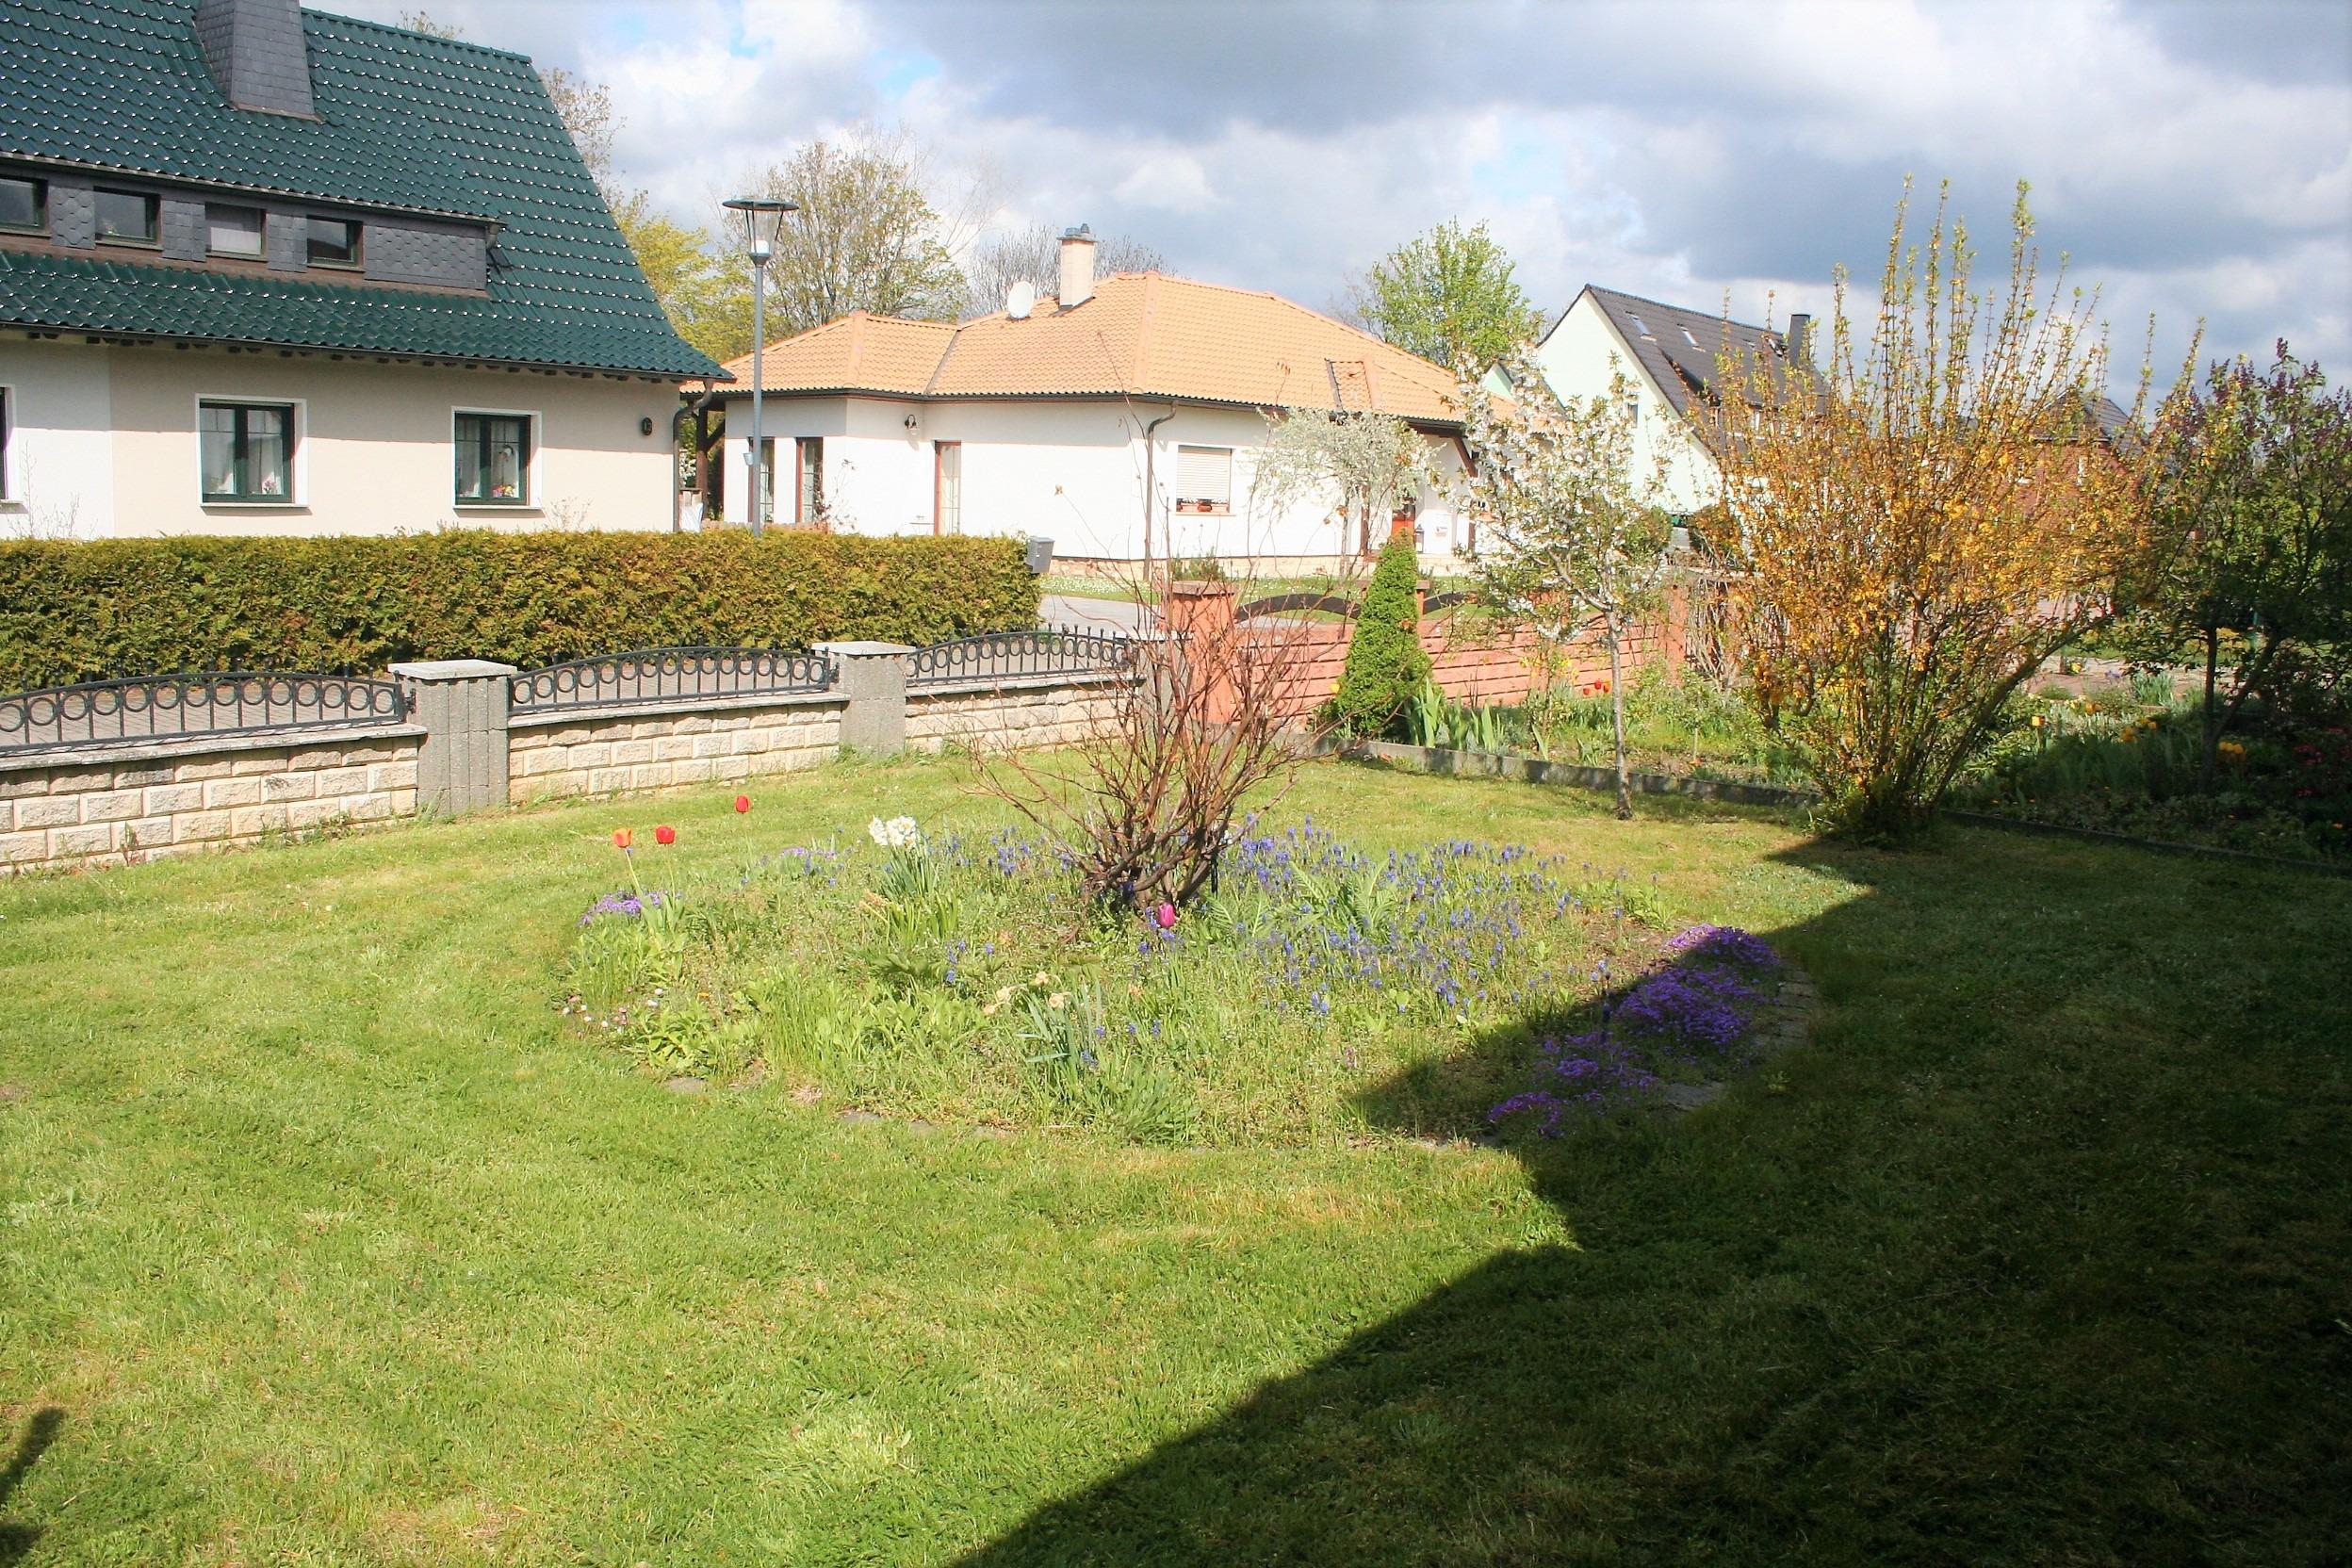 Einfamilienhaus Merseburg - Vorgarten